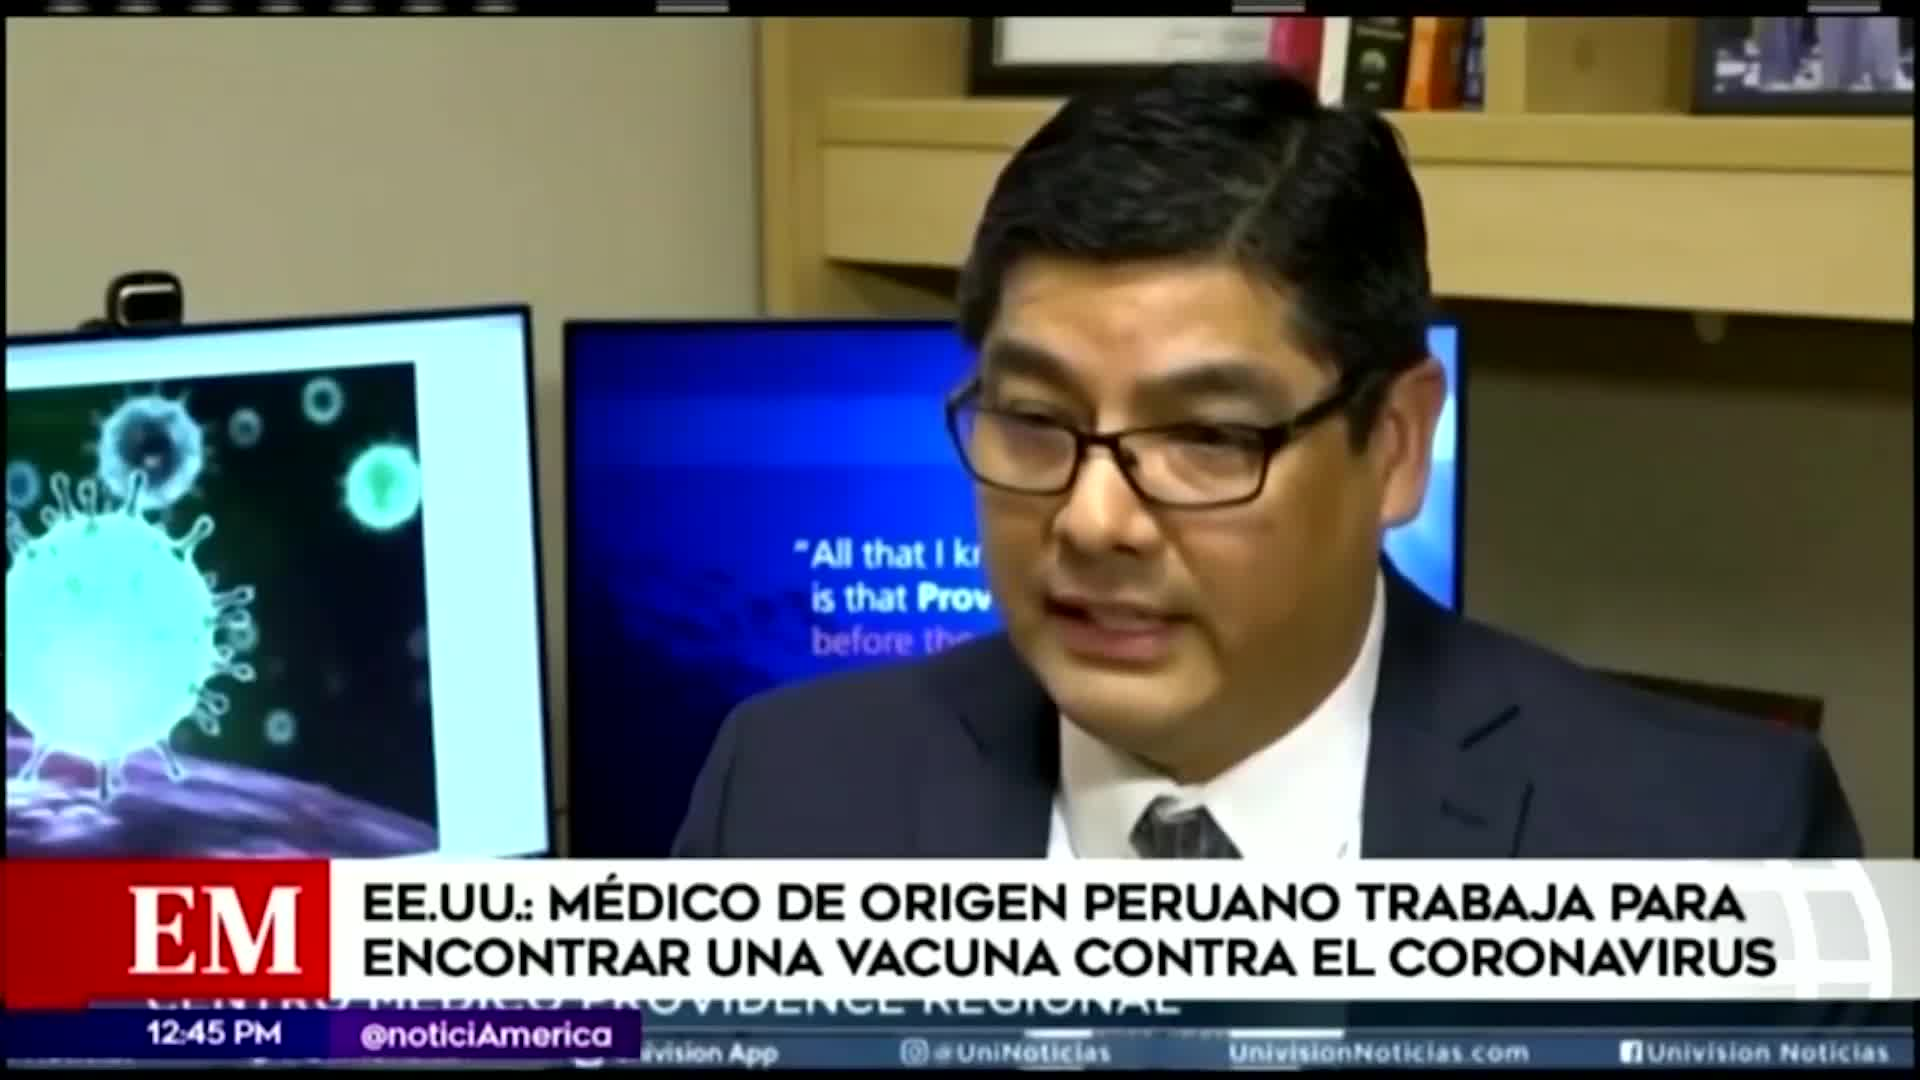 Médico de origen peruano a cargo de encontrar la vacuna contra el coronavirus